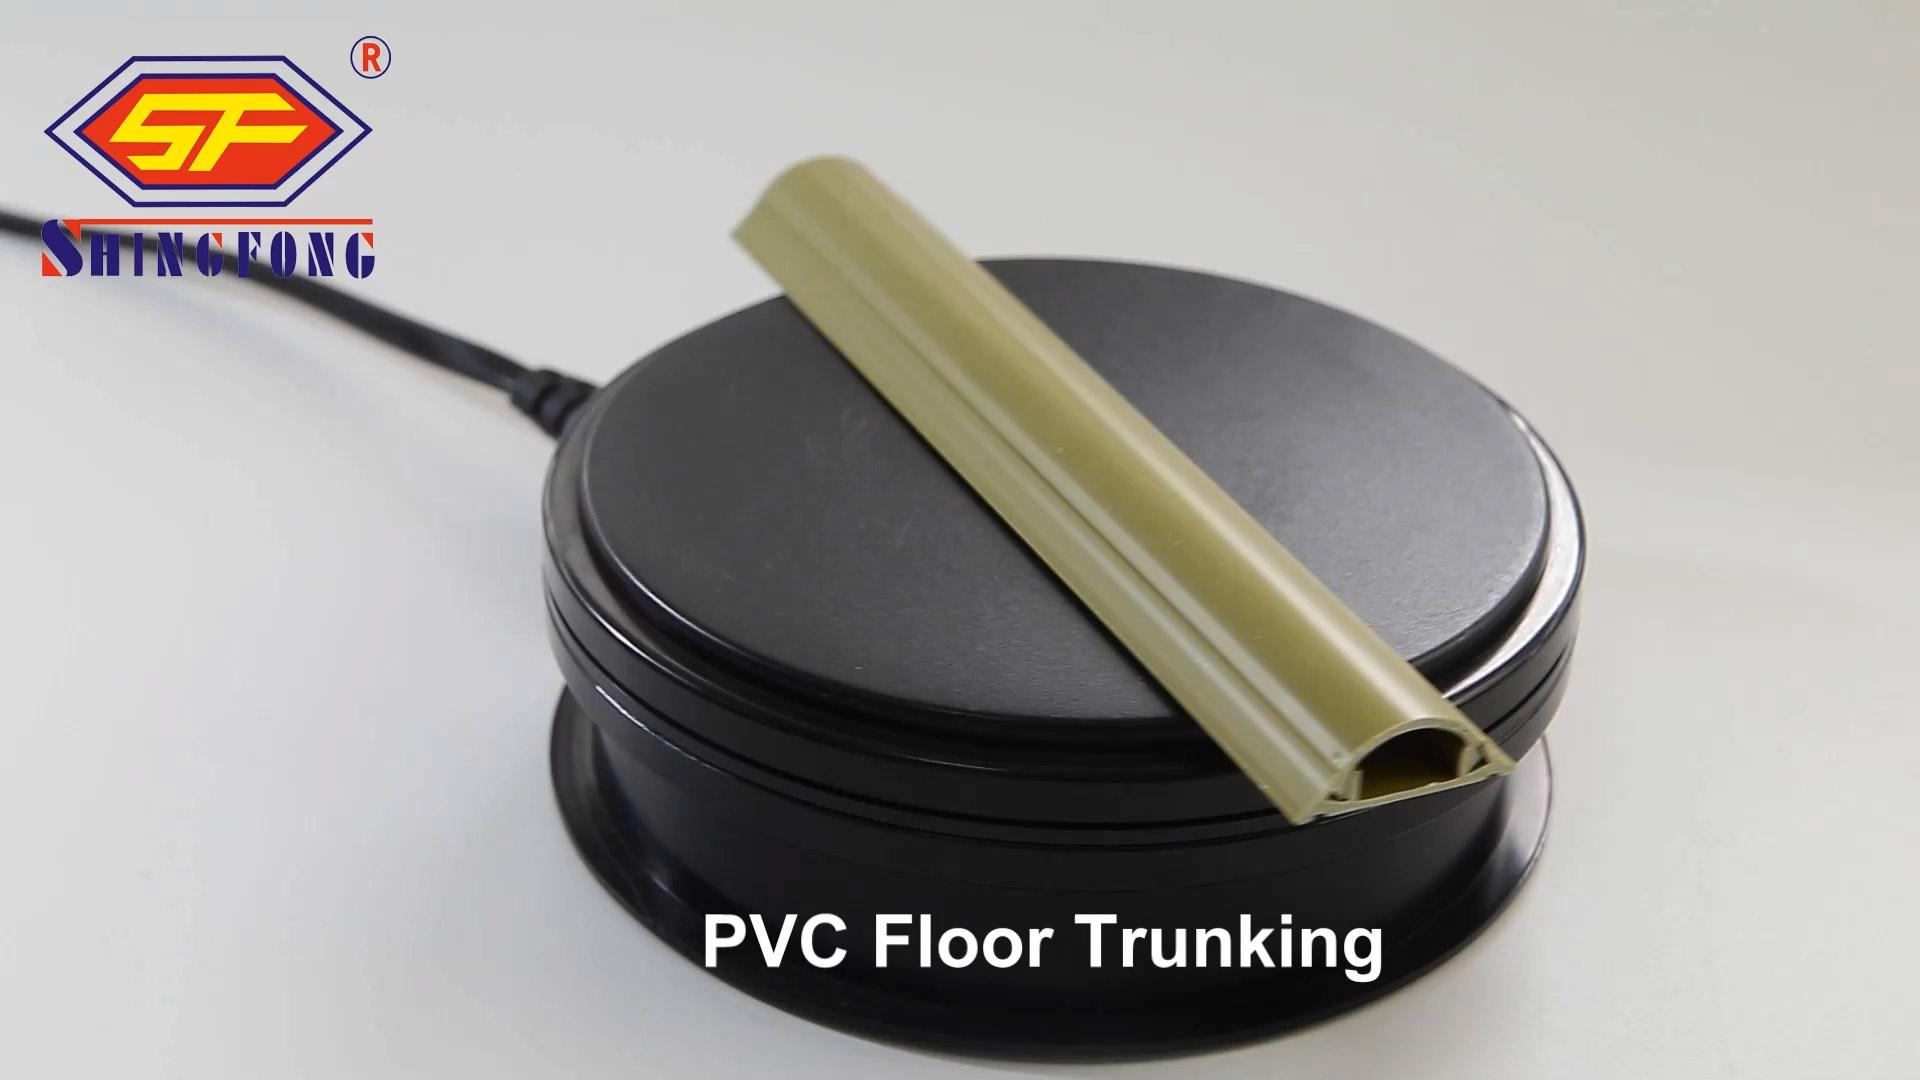 PVC mokatong Trunking